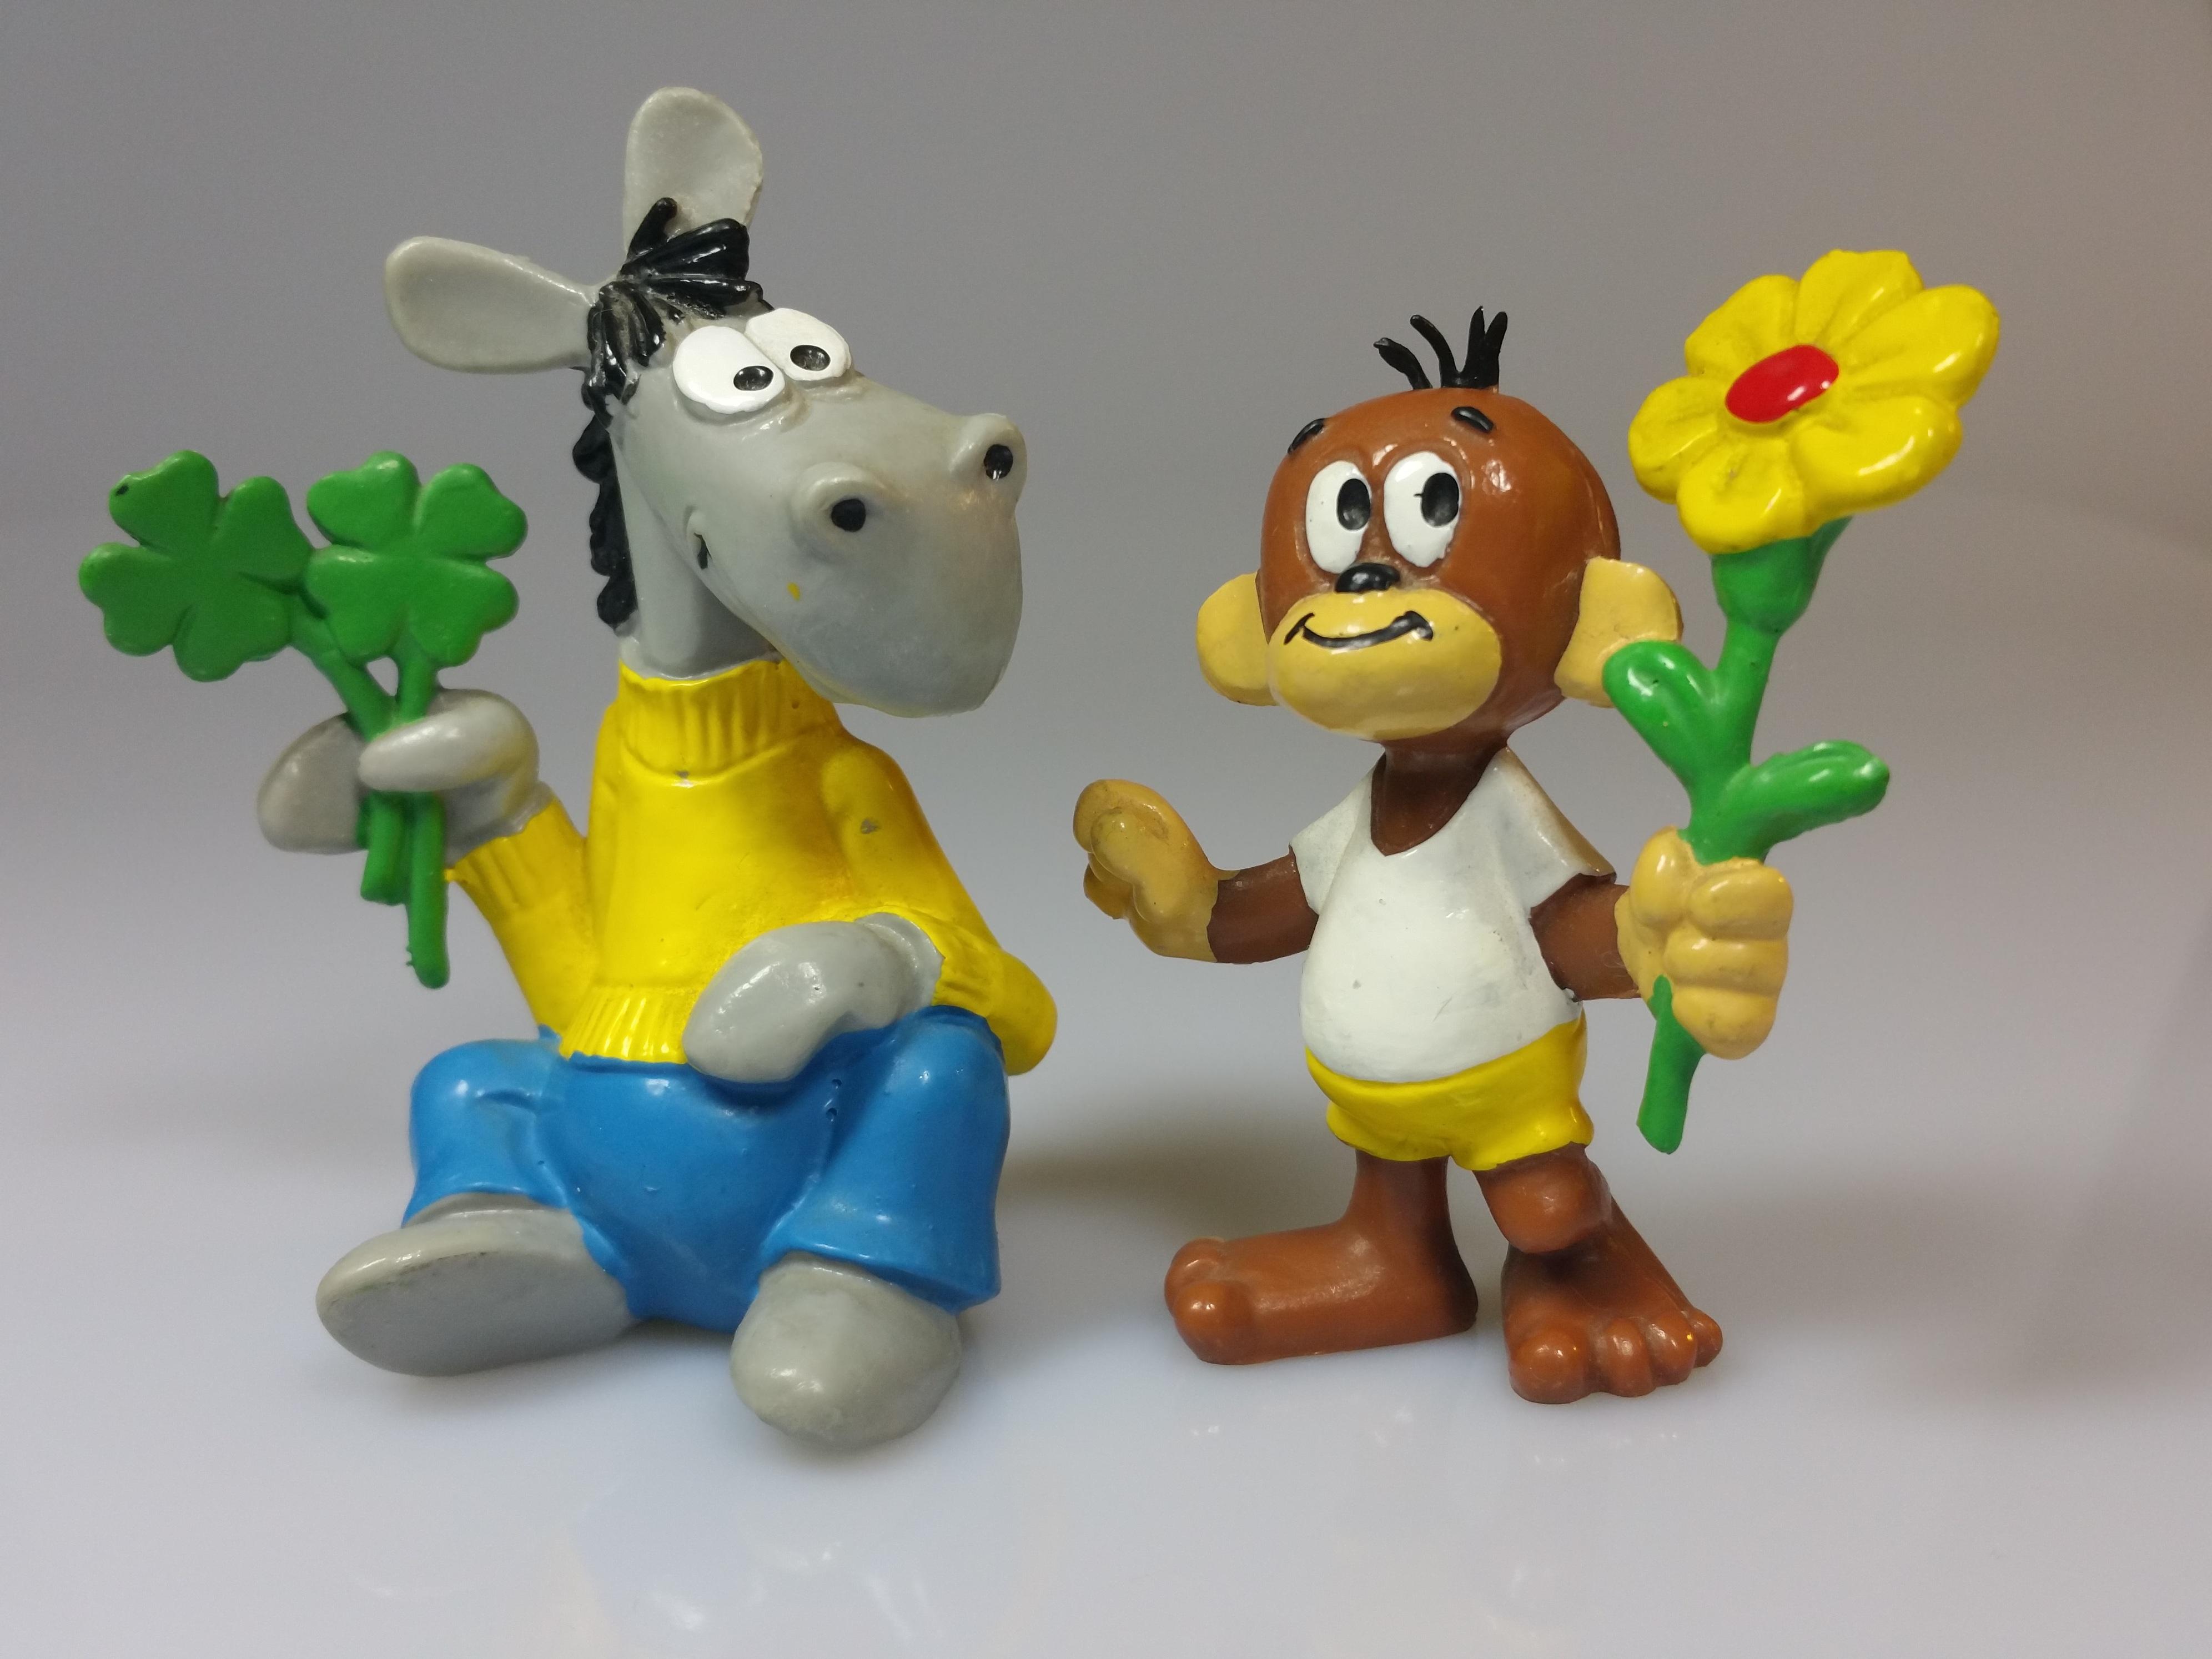 Gambar Iklan Makanan Mainan Arca Lucu Adalah Kultus Menonton Tv Boneka Swabia Pferdle Dan Affle